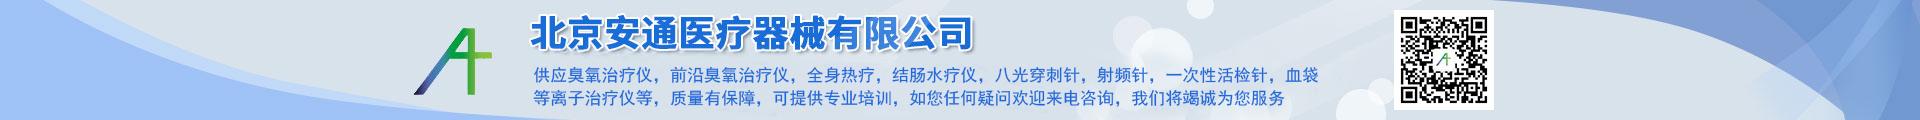 北京安通醫療器械有限公司